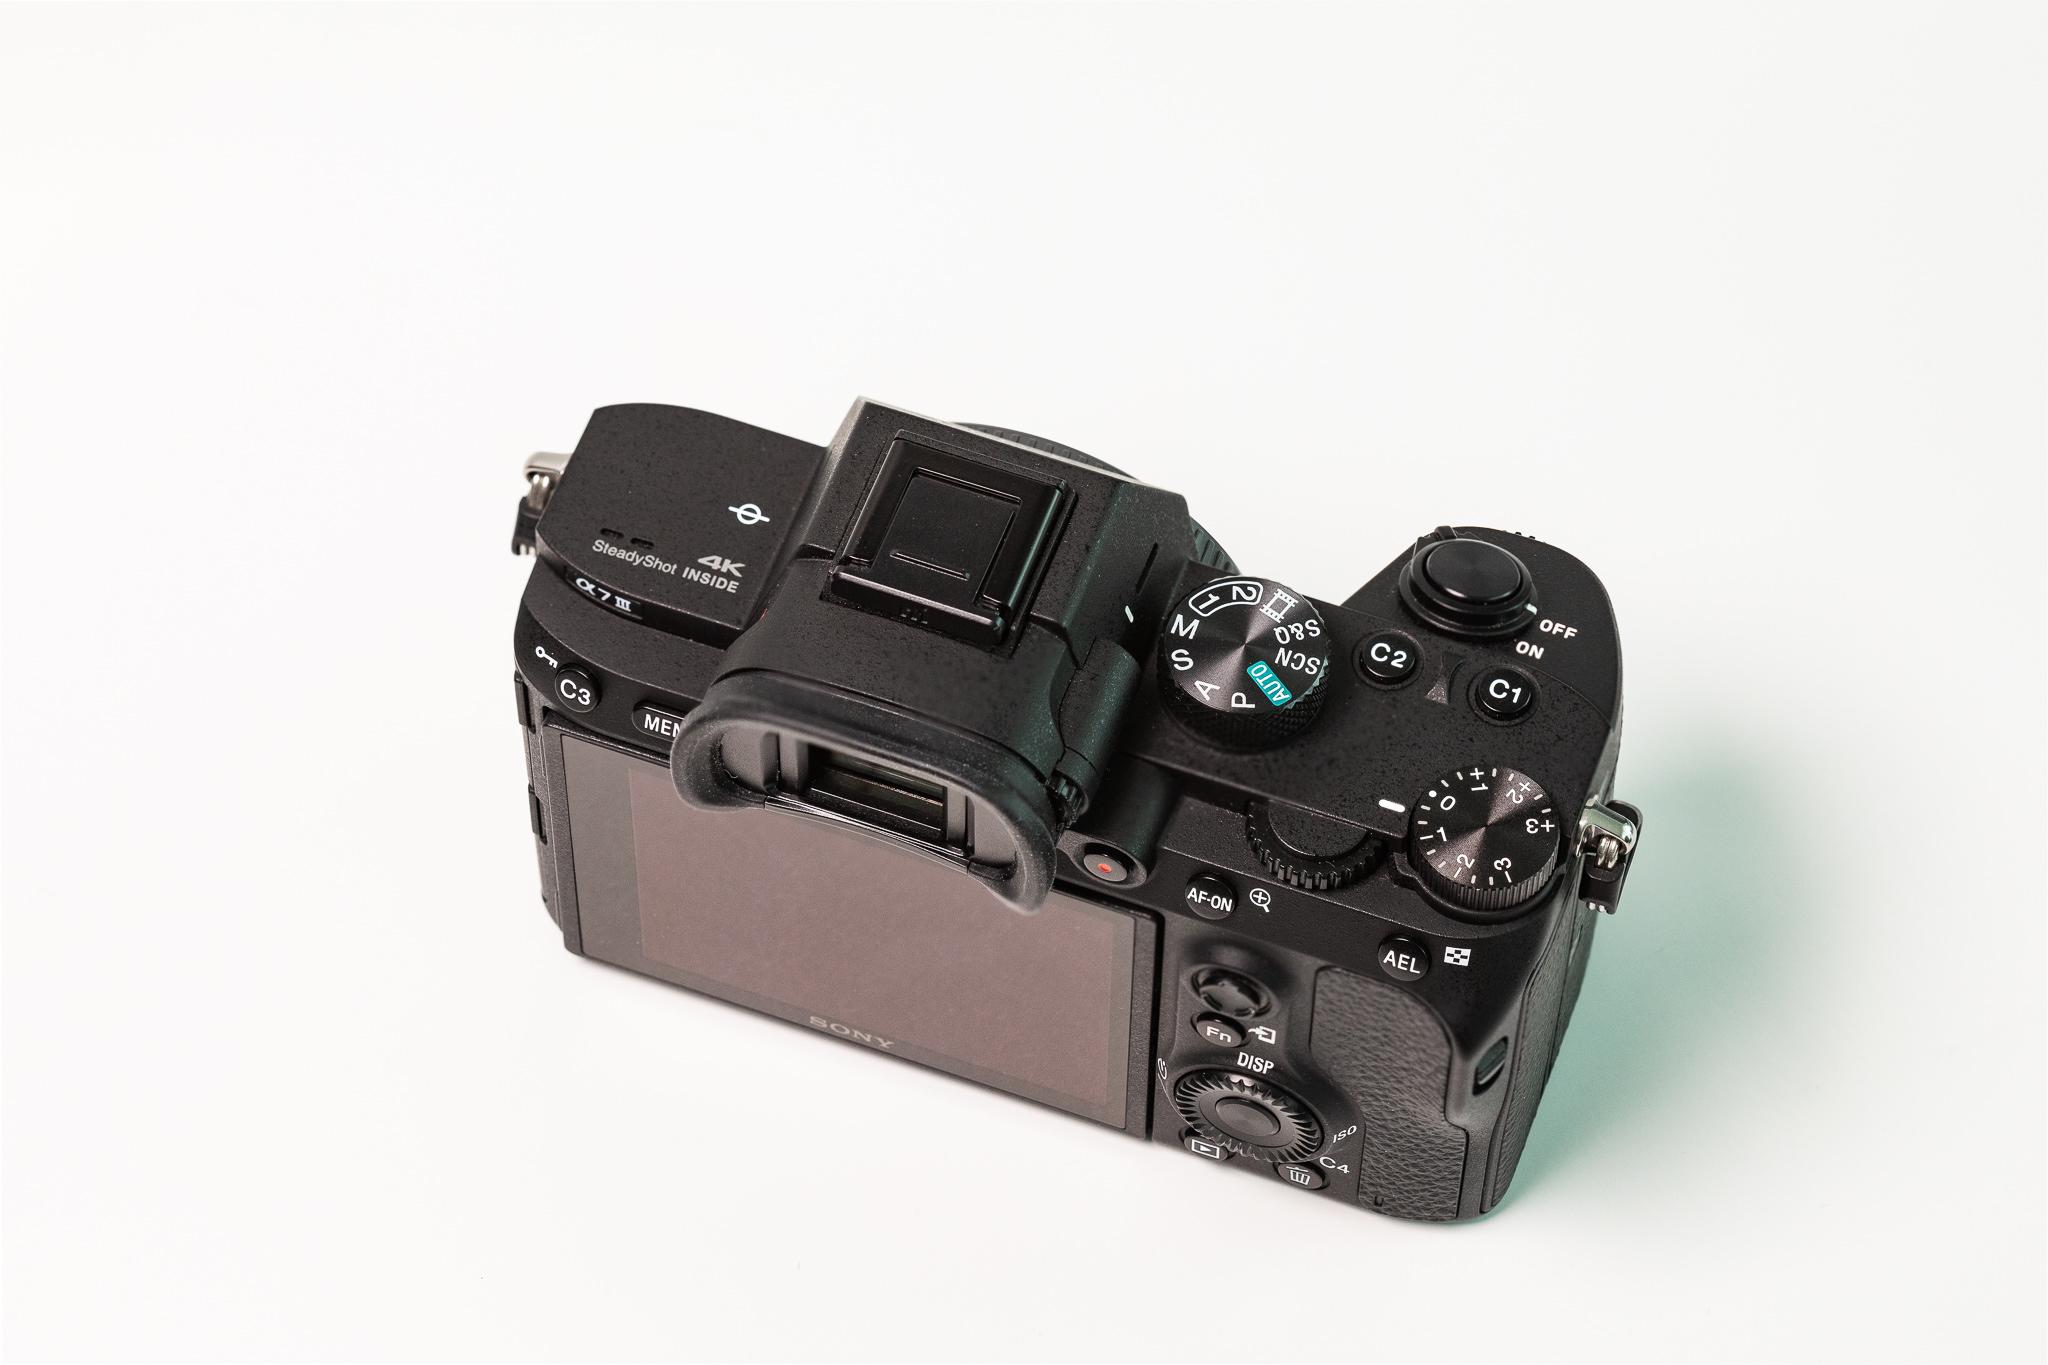 Sony bezeichnet die A7 III als ihr Einsteigermodell in die Vollformat-Welt. Bis auf den Preis, ist bei der A7 III gar nichts von Einsteigermodell zu spüren.